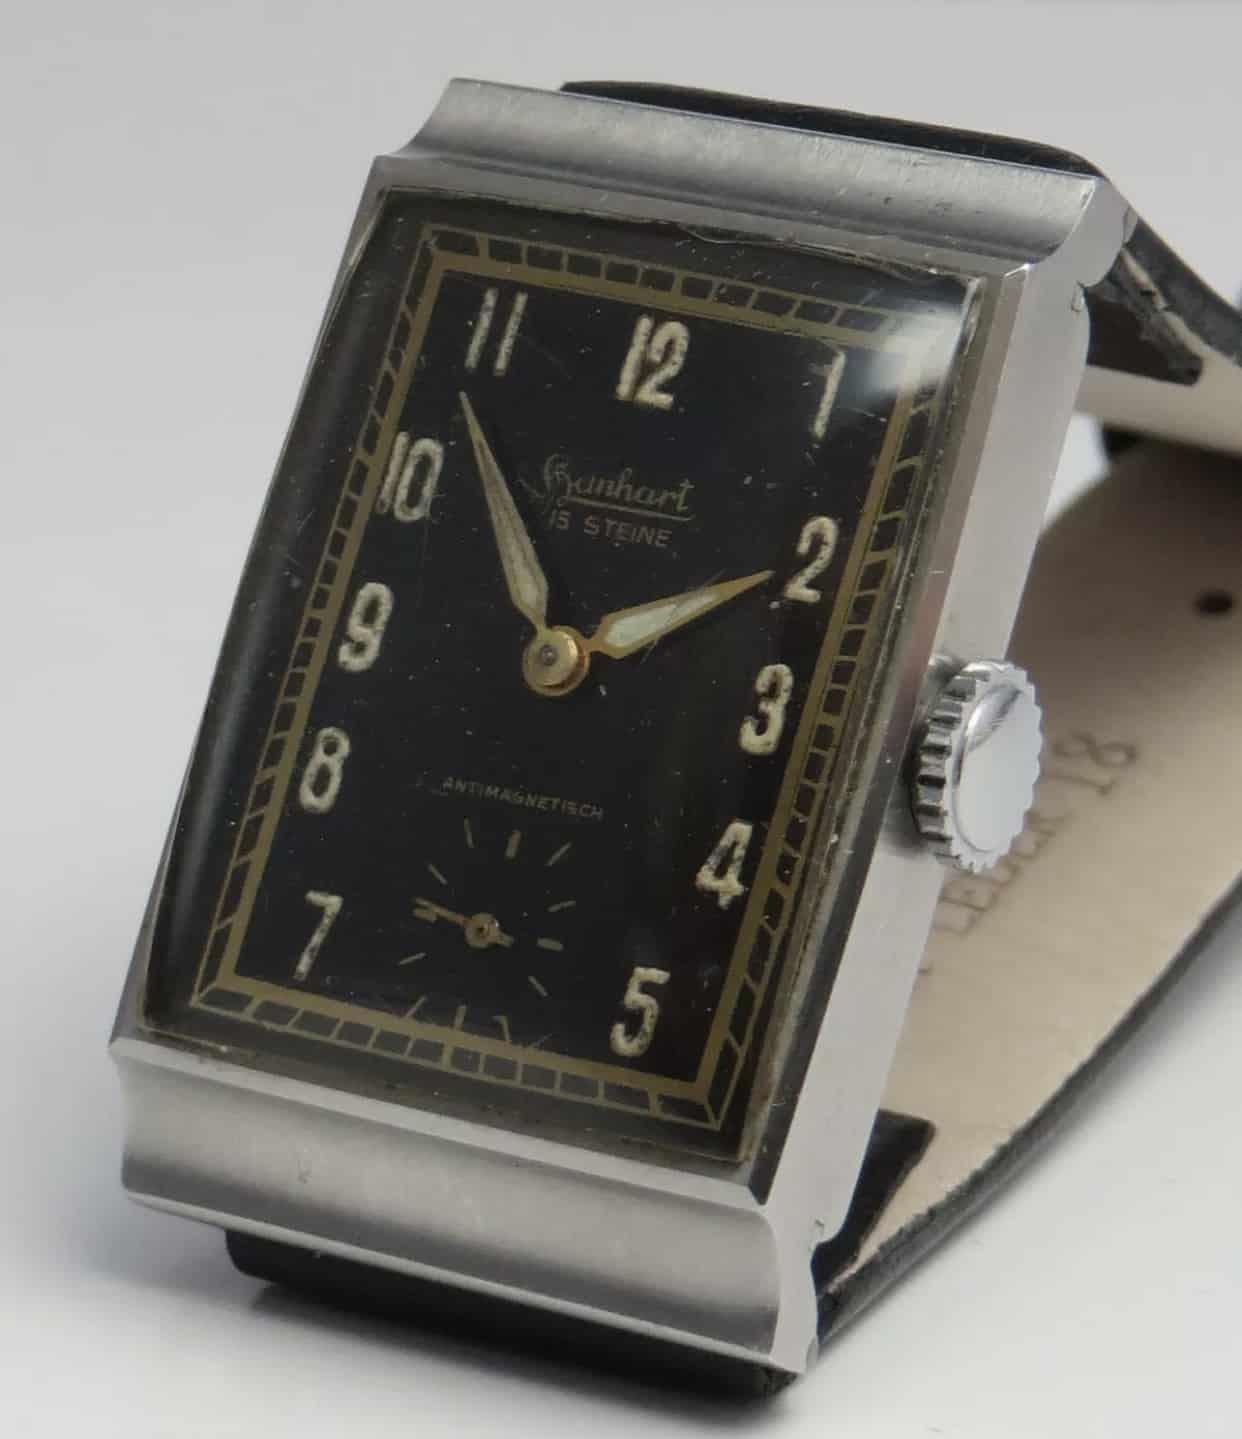 Hanhart Uhr mit rechteckigem Gehäuse der 1930er Jahre